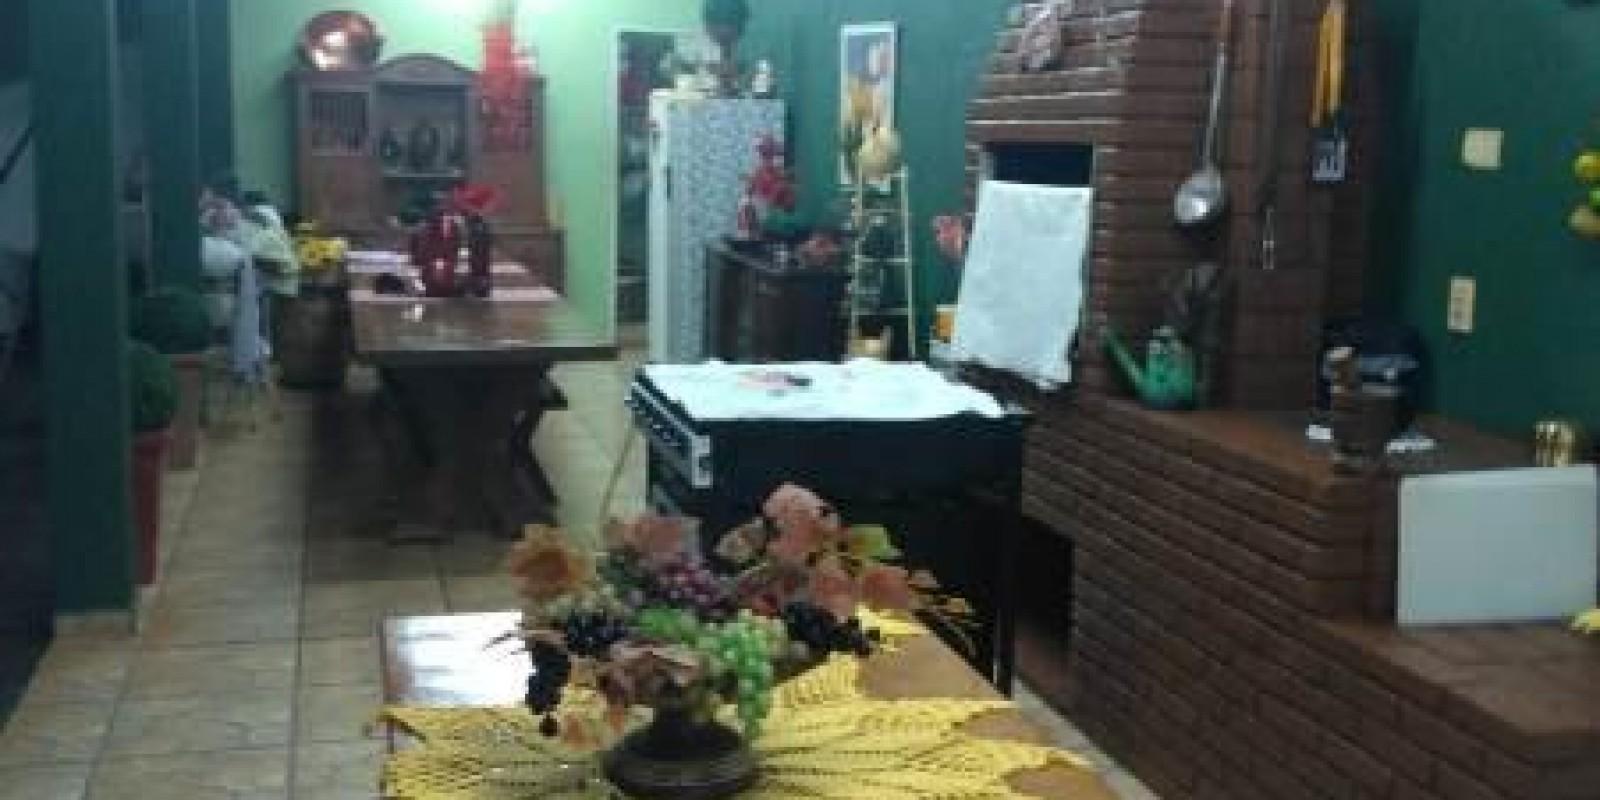 Casa MOBILIADA na Represa no Portal do Catavento em Arandu SP - Foto 24 de 26